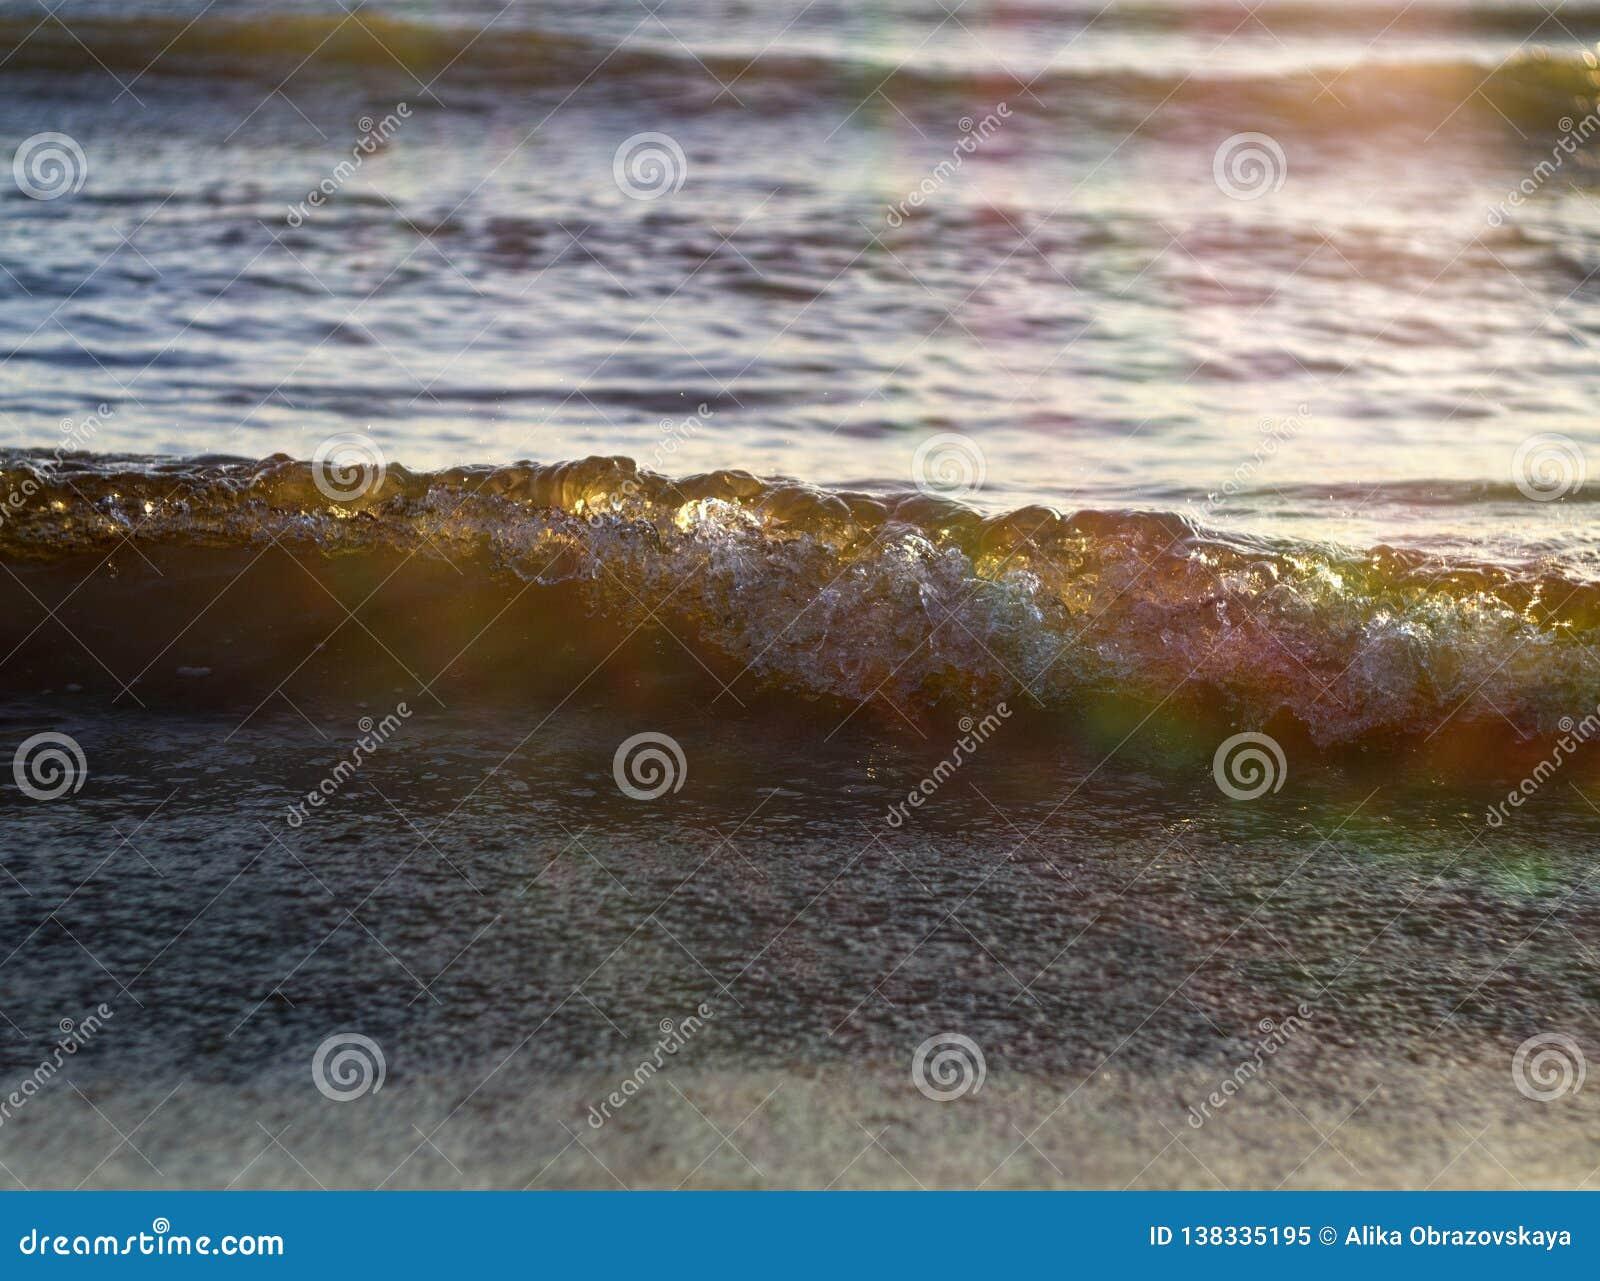 Ηλέκτρινα κύματα στη θάλασσα της Βαλτικής στο ηλιοβασίλεμα σε Klaipeda, Λιθουανία